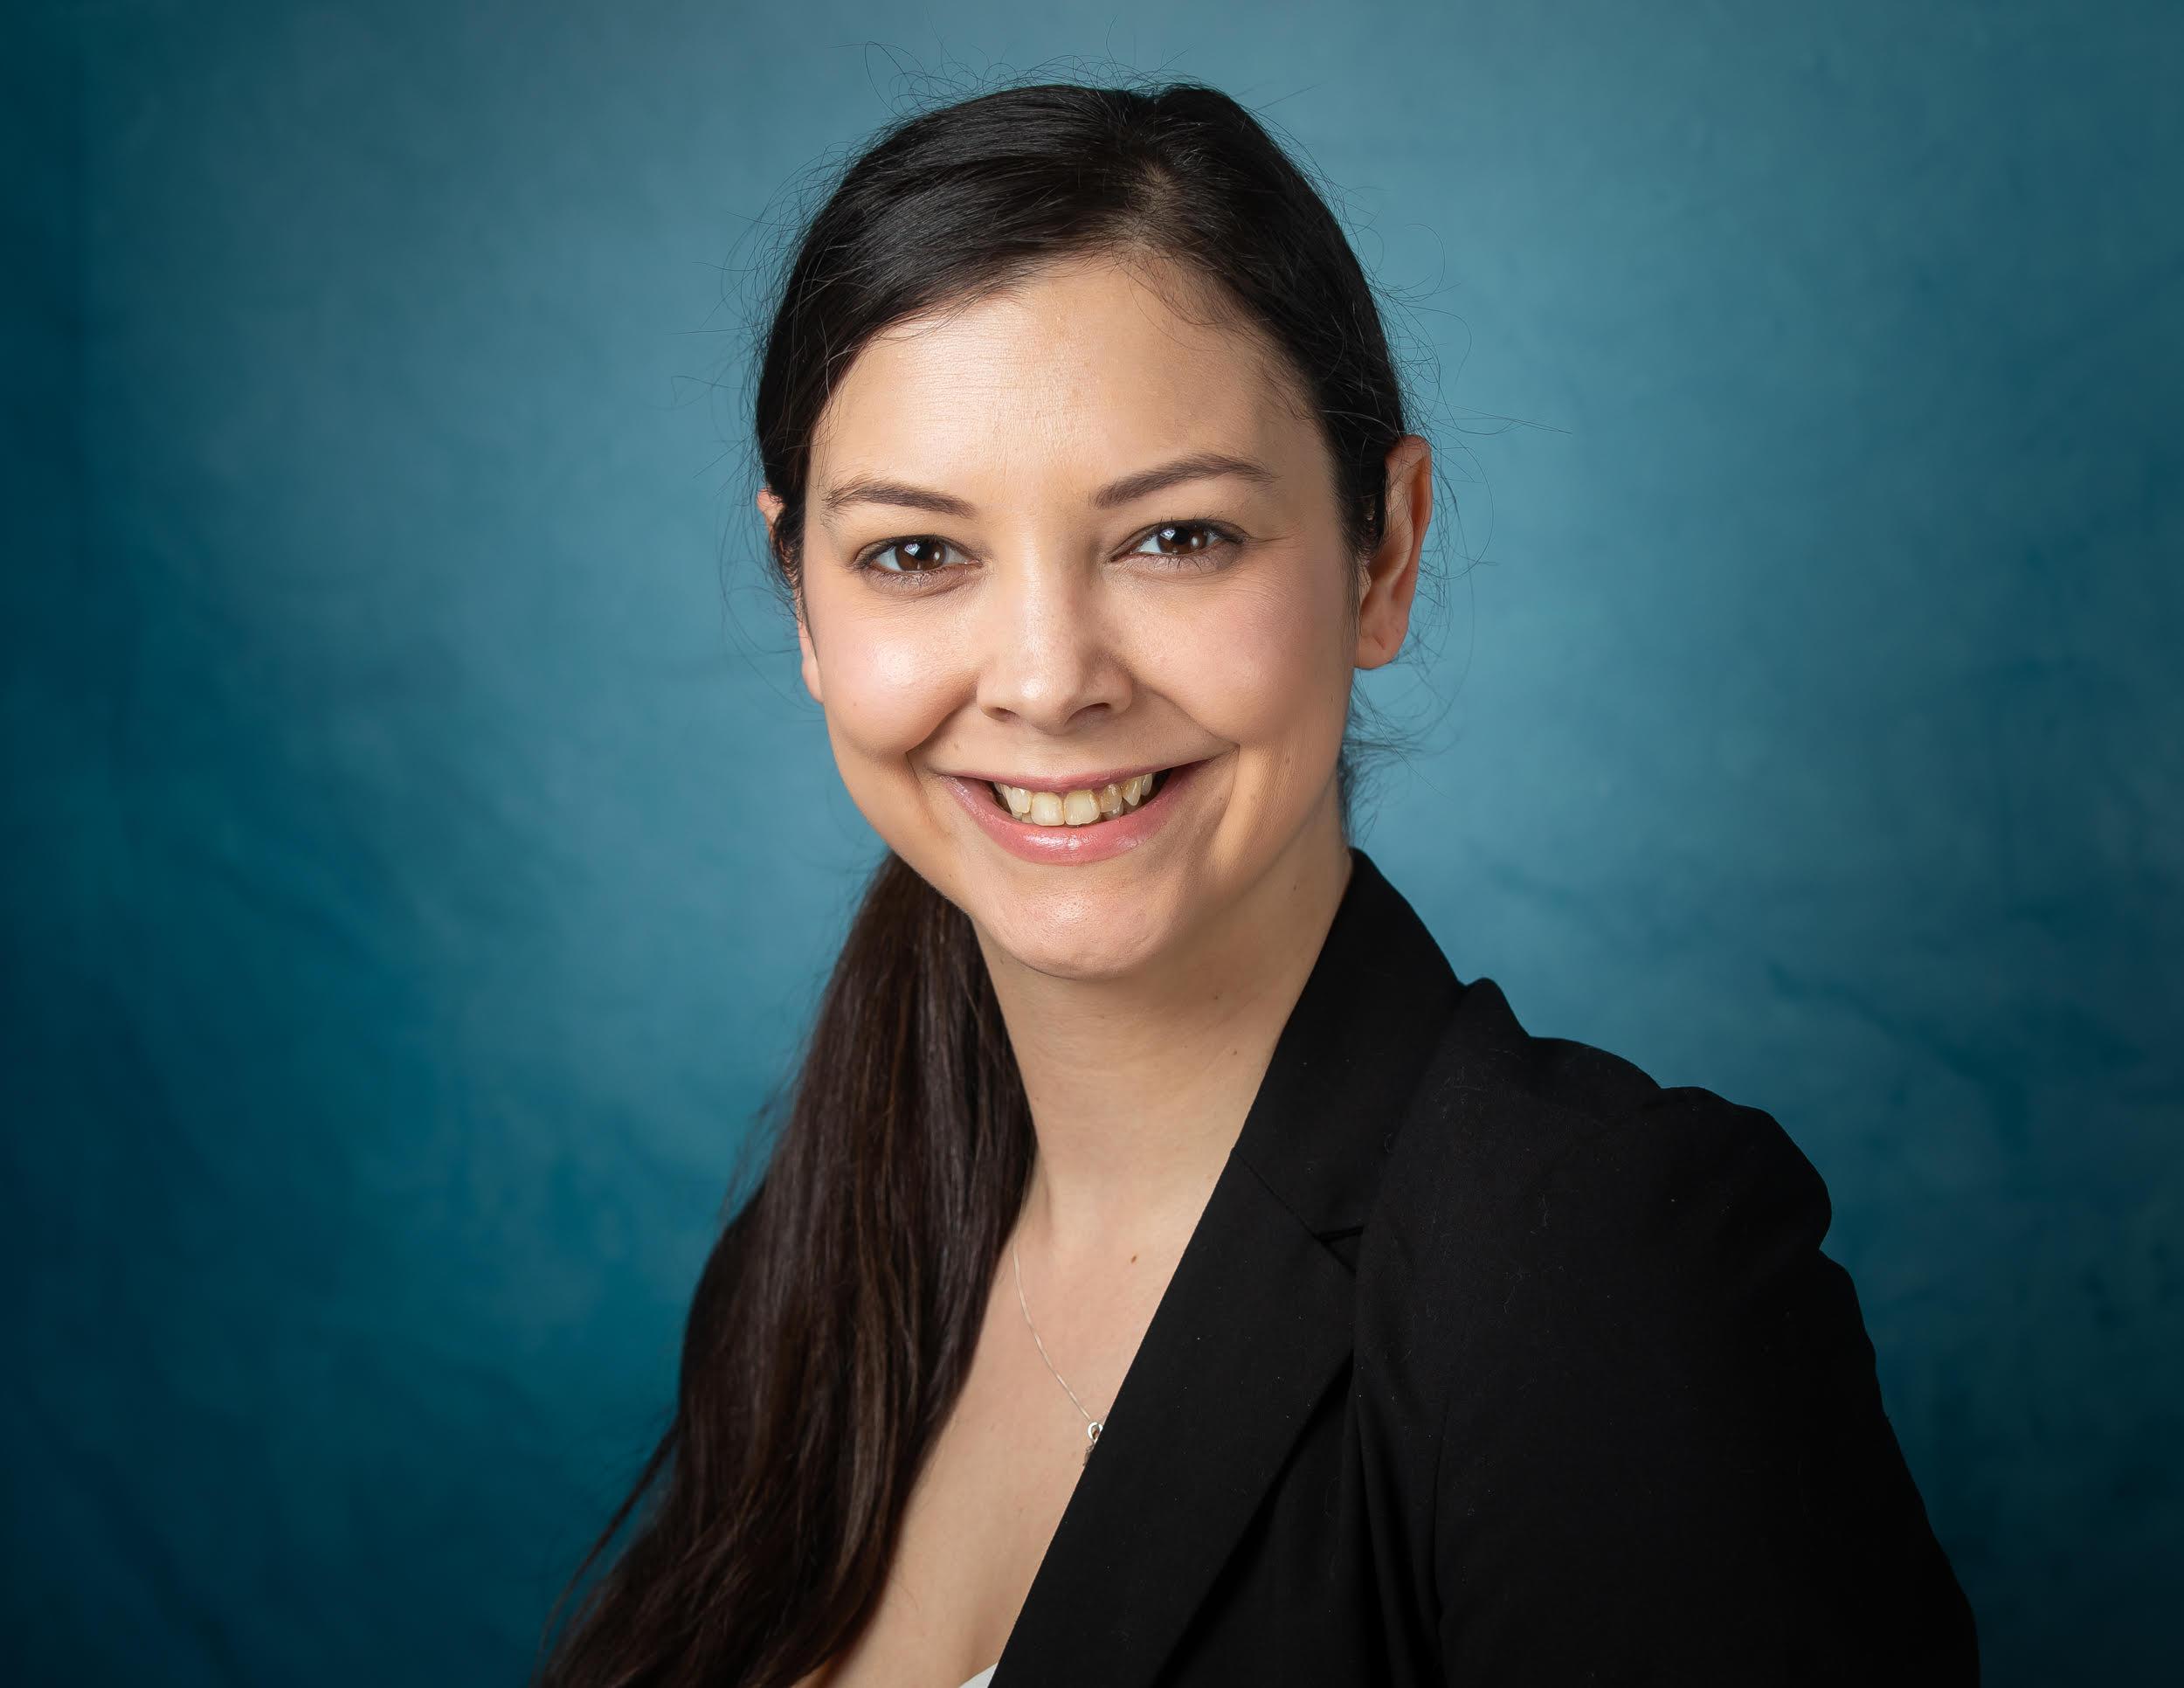 Suzan Aktug